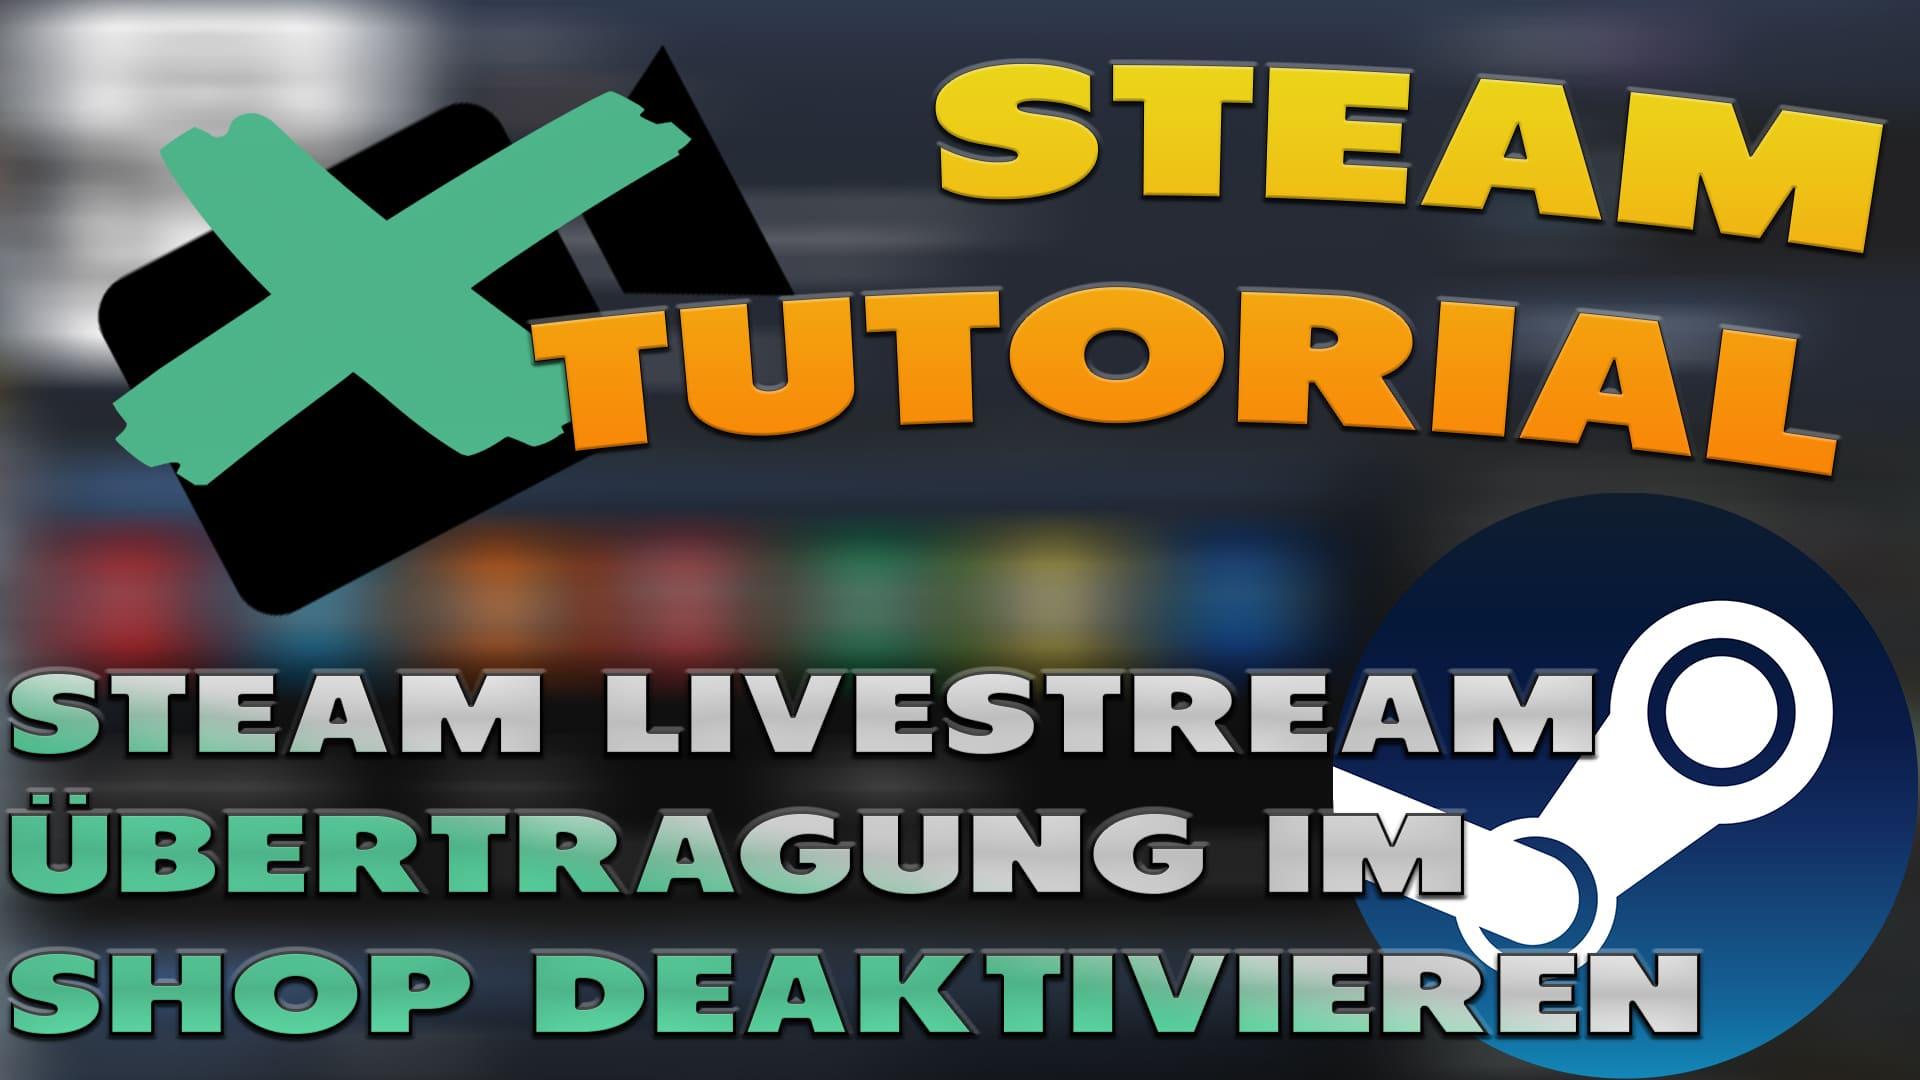 Steam Livestream Shop deaktivieren - haton.net